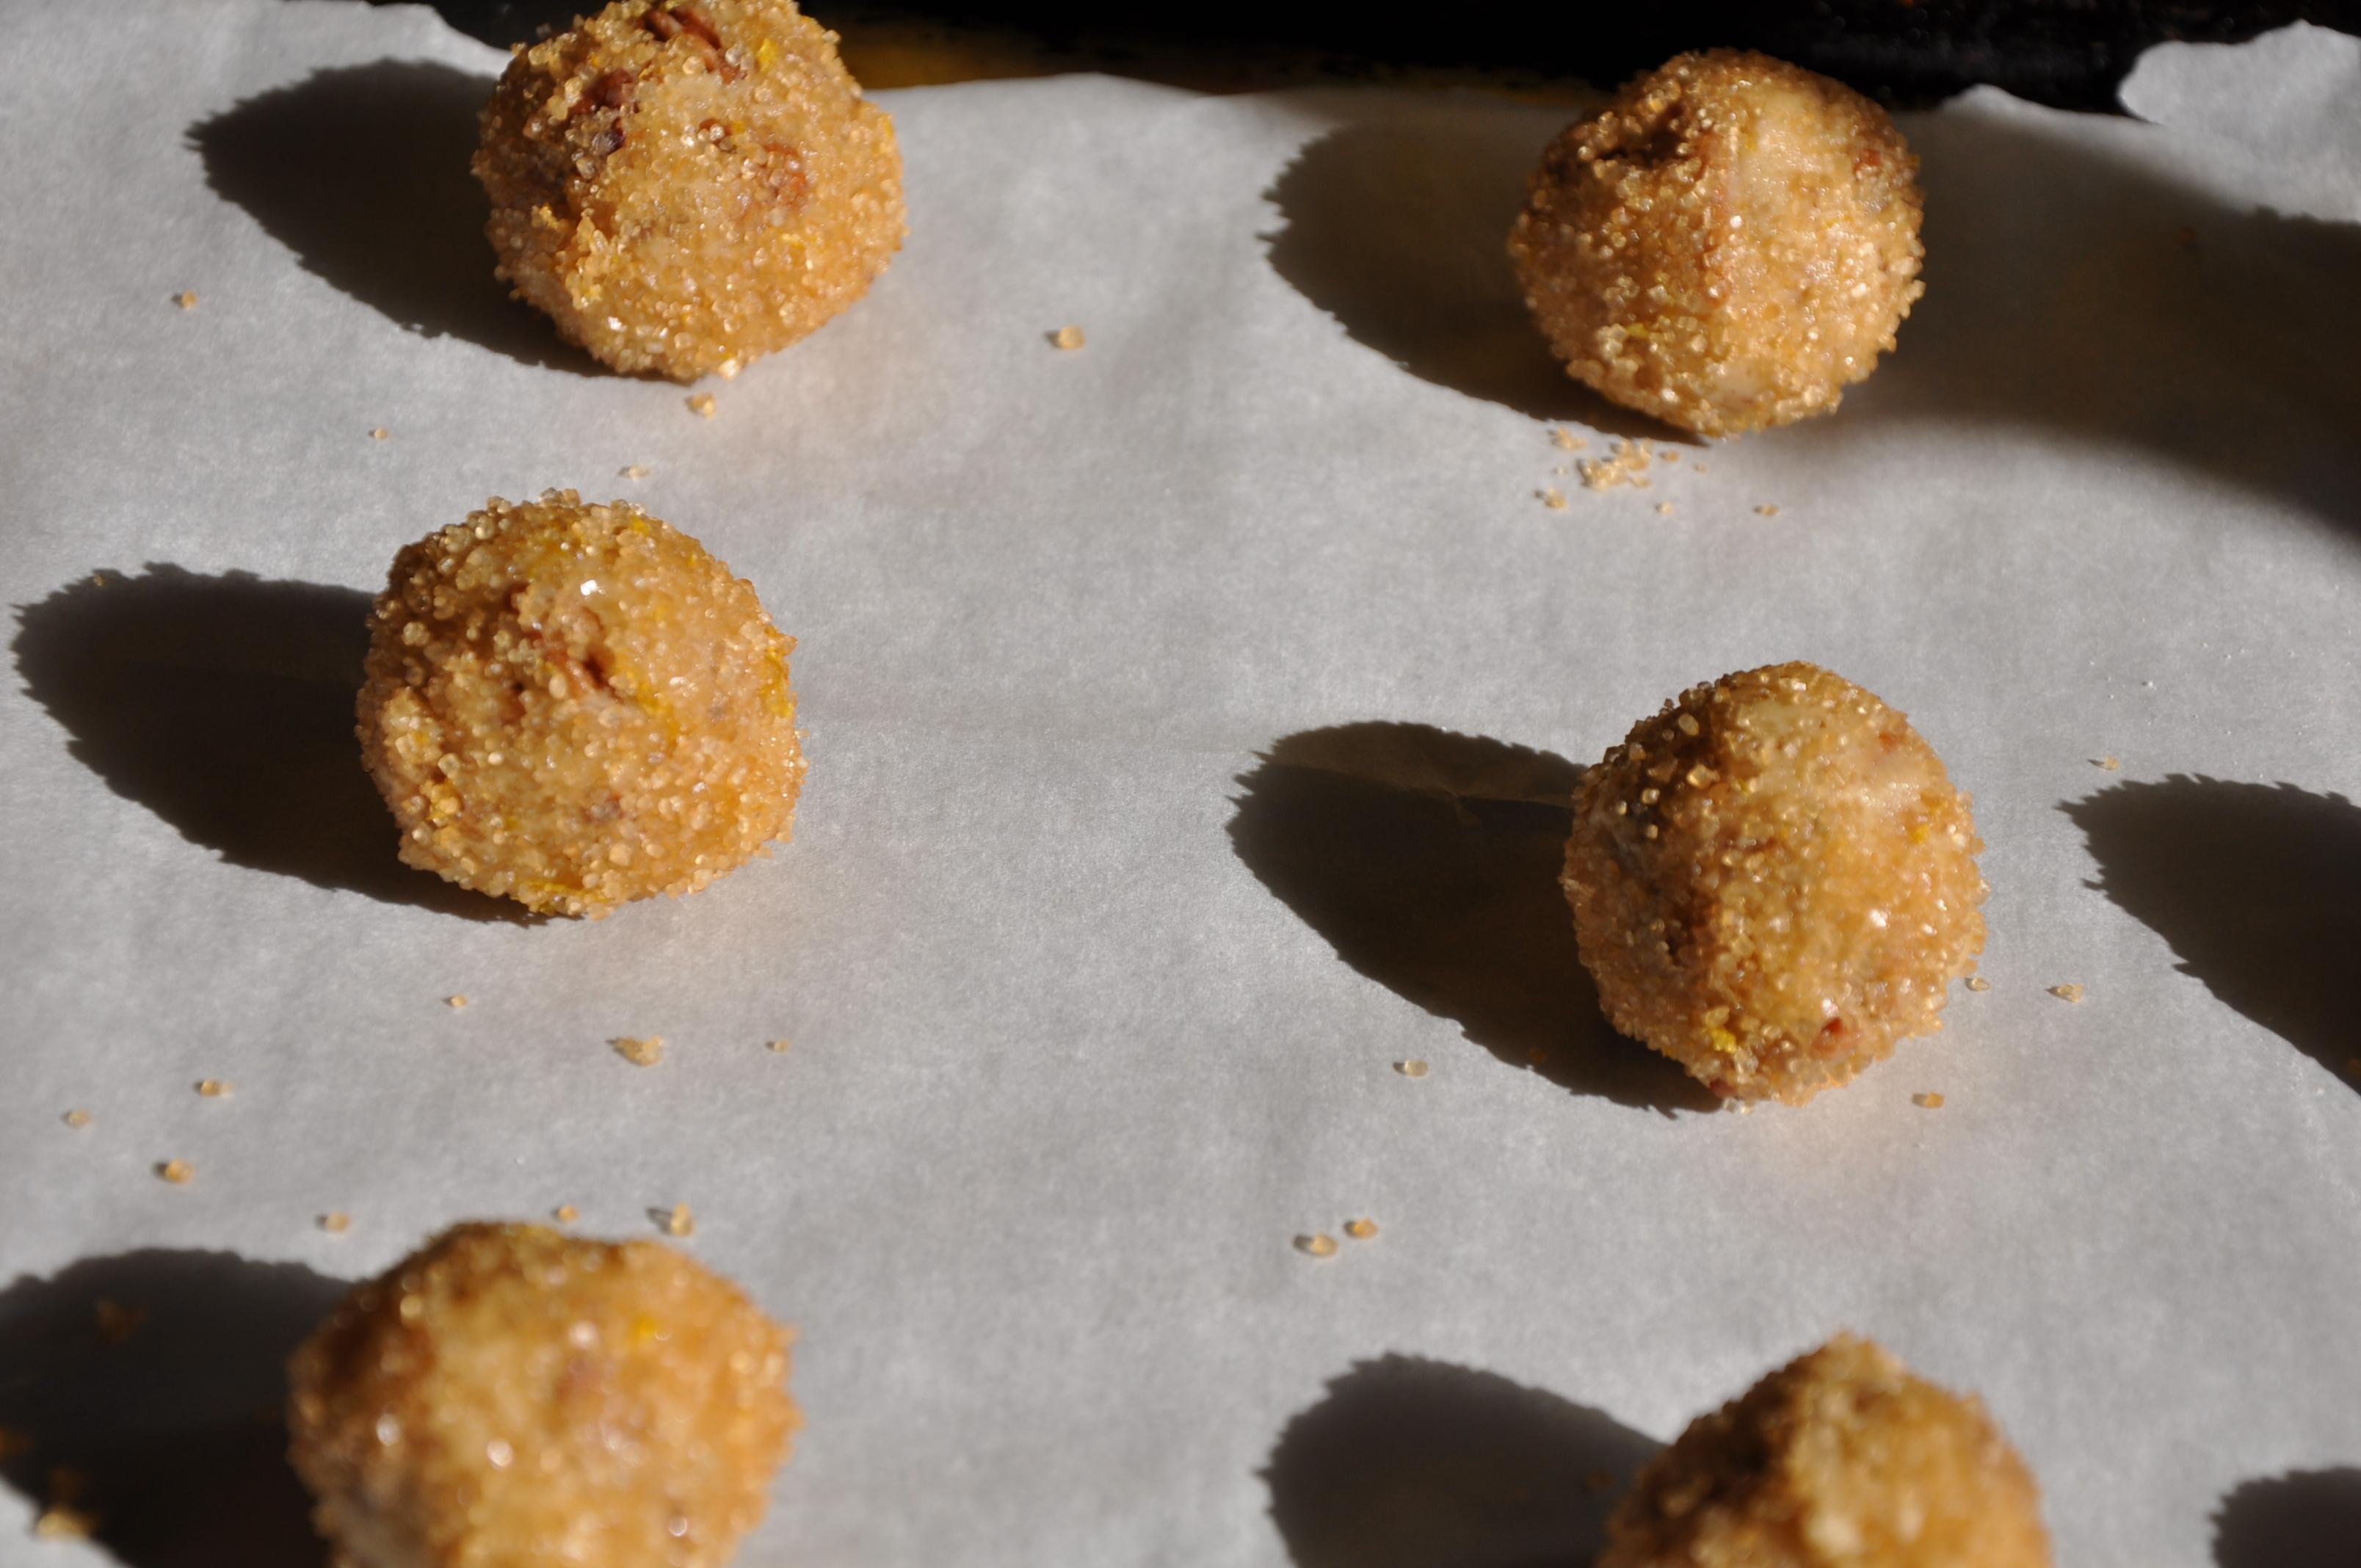 Crispy Cardamom-Brined Nut Cookies